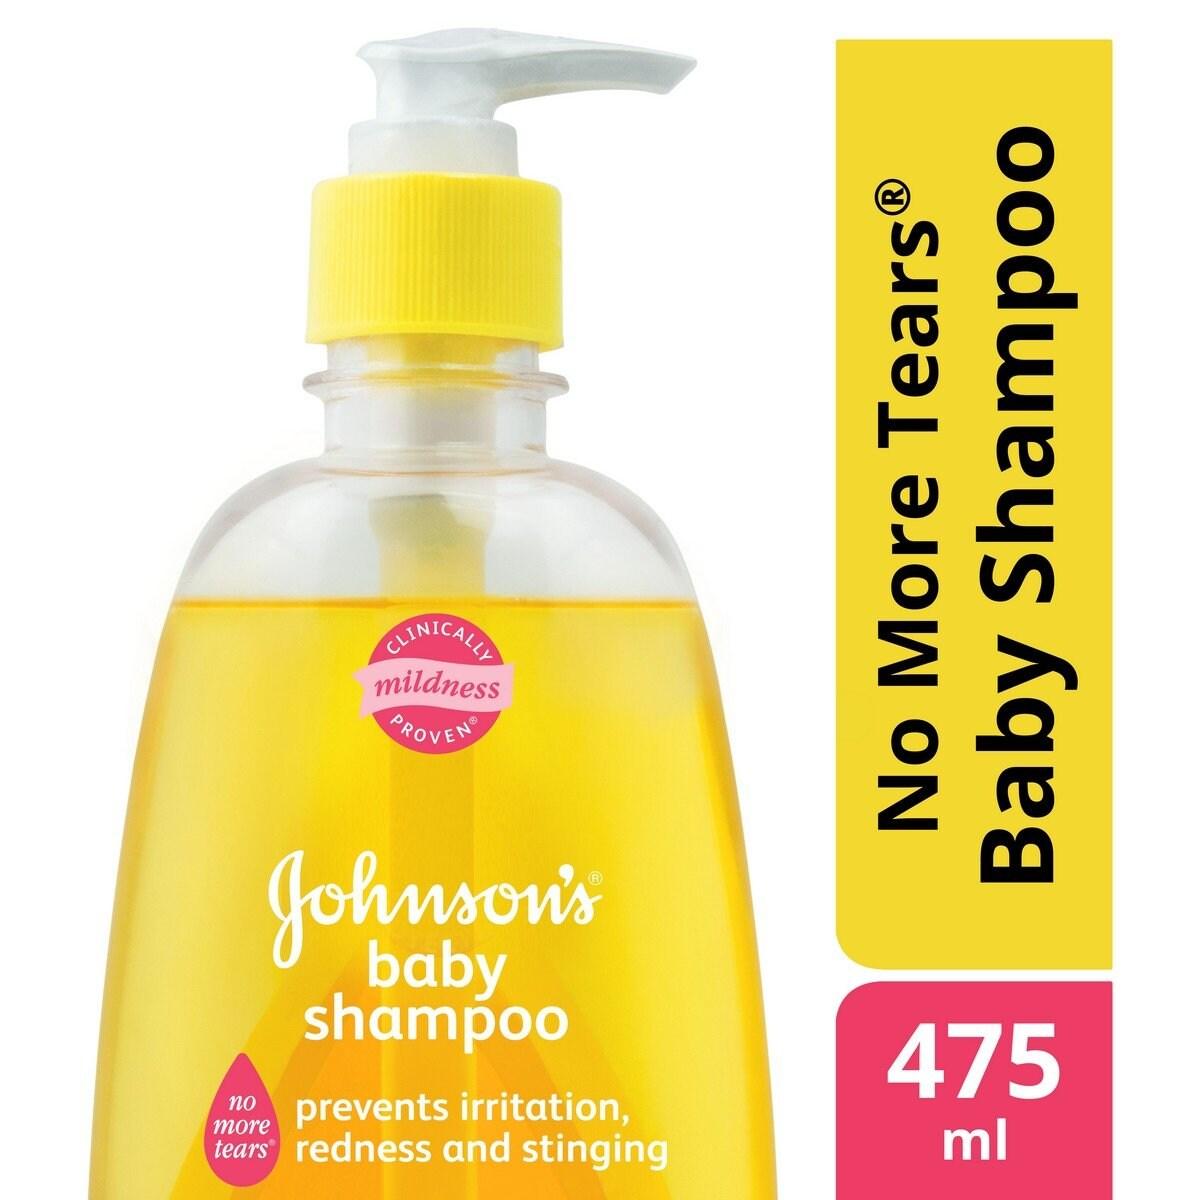 Johnson's Baby No More Tears Shampoo